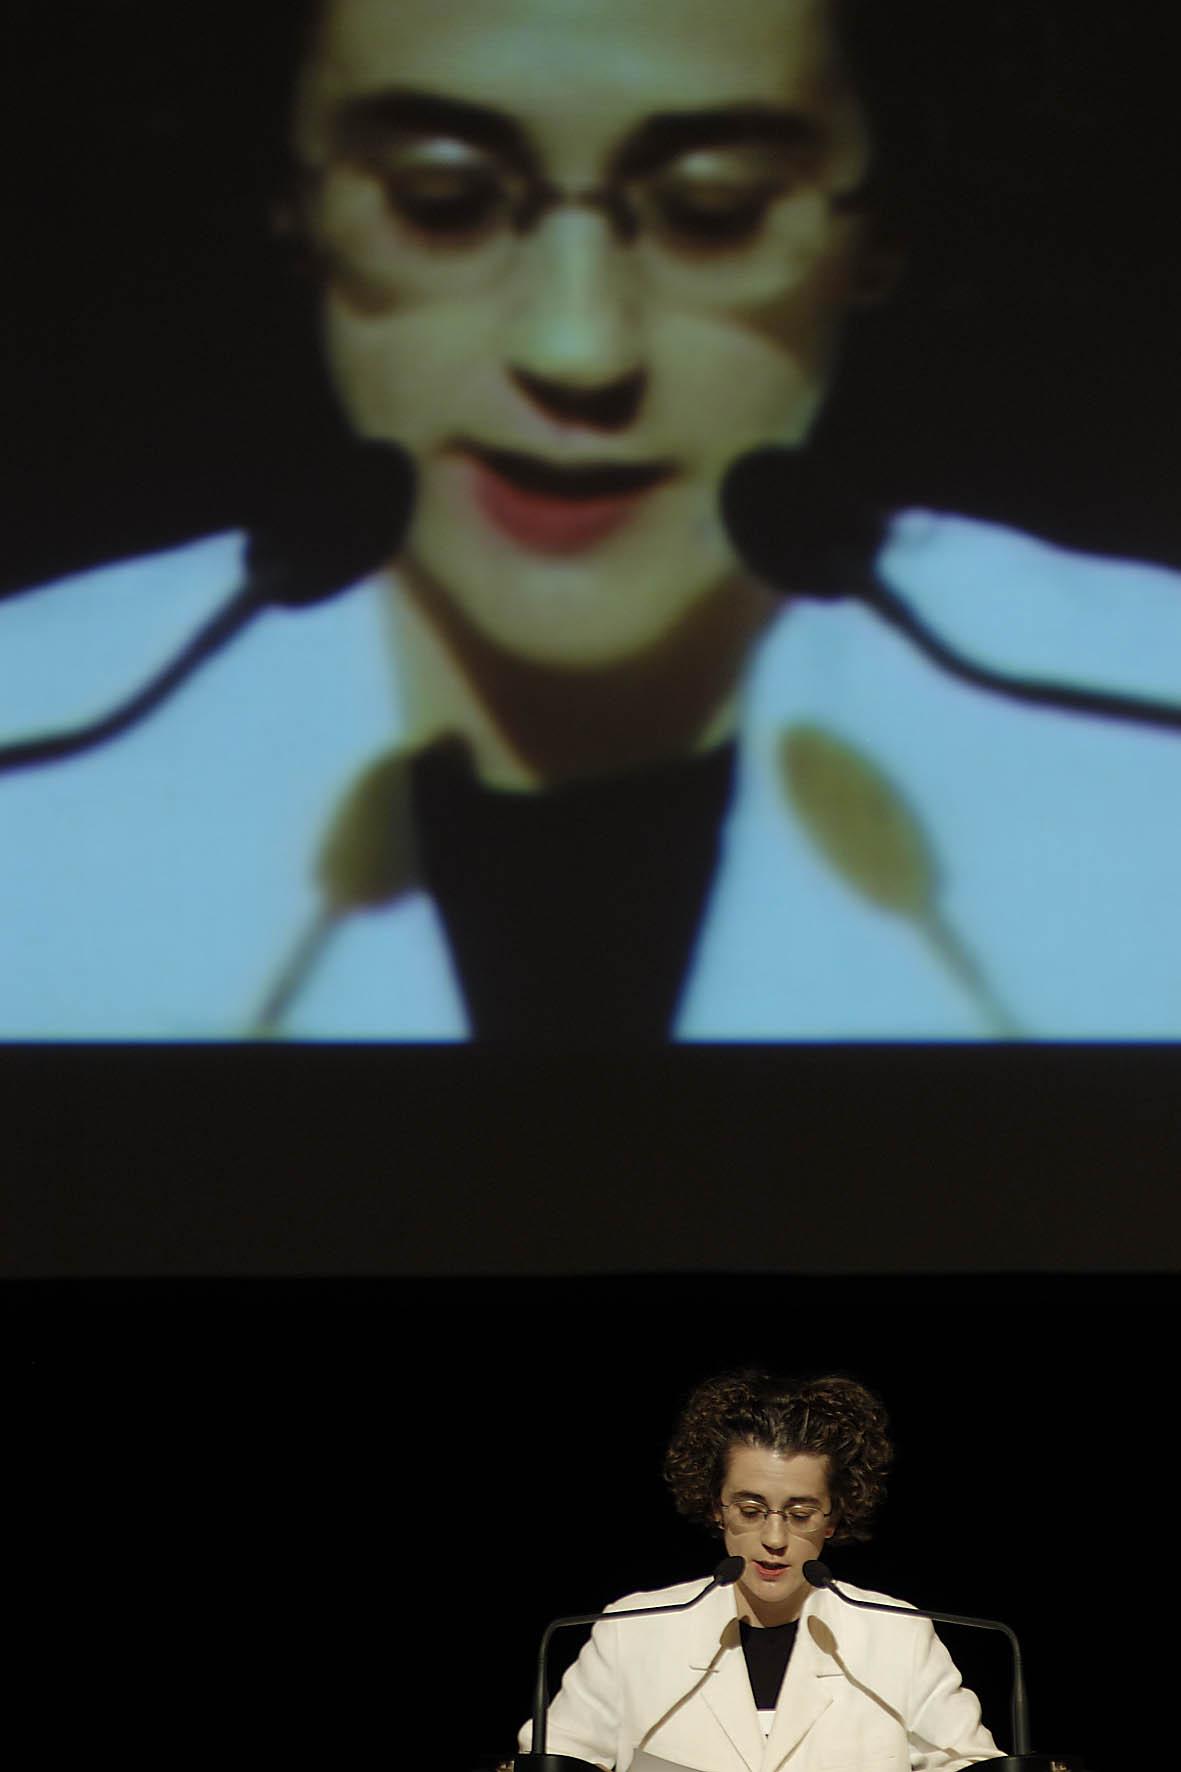 Olga Neuwirth bei der Eröffnung dessteirischer herbst 2003 ·FotoNicolas Lackner